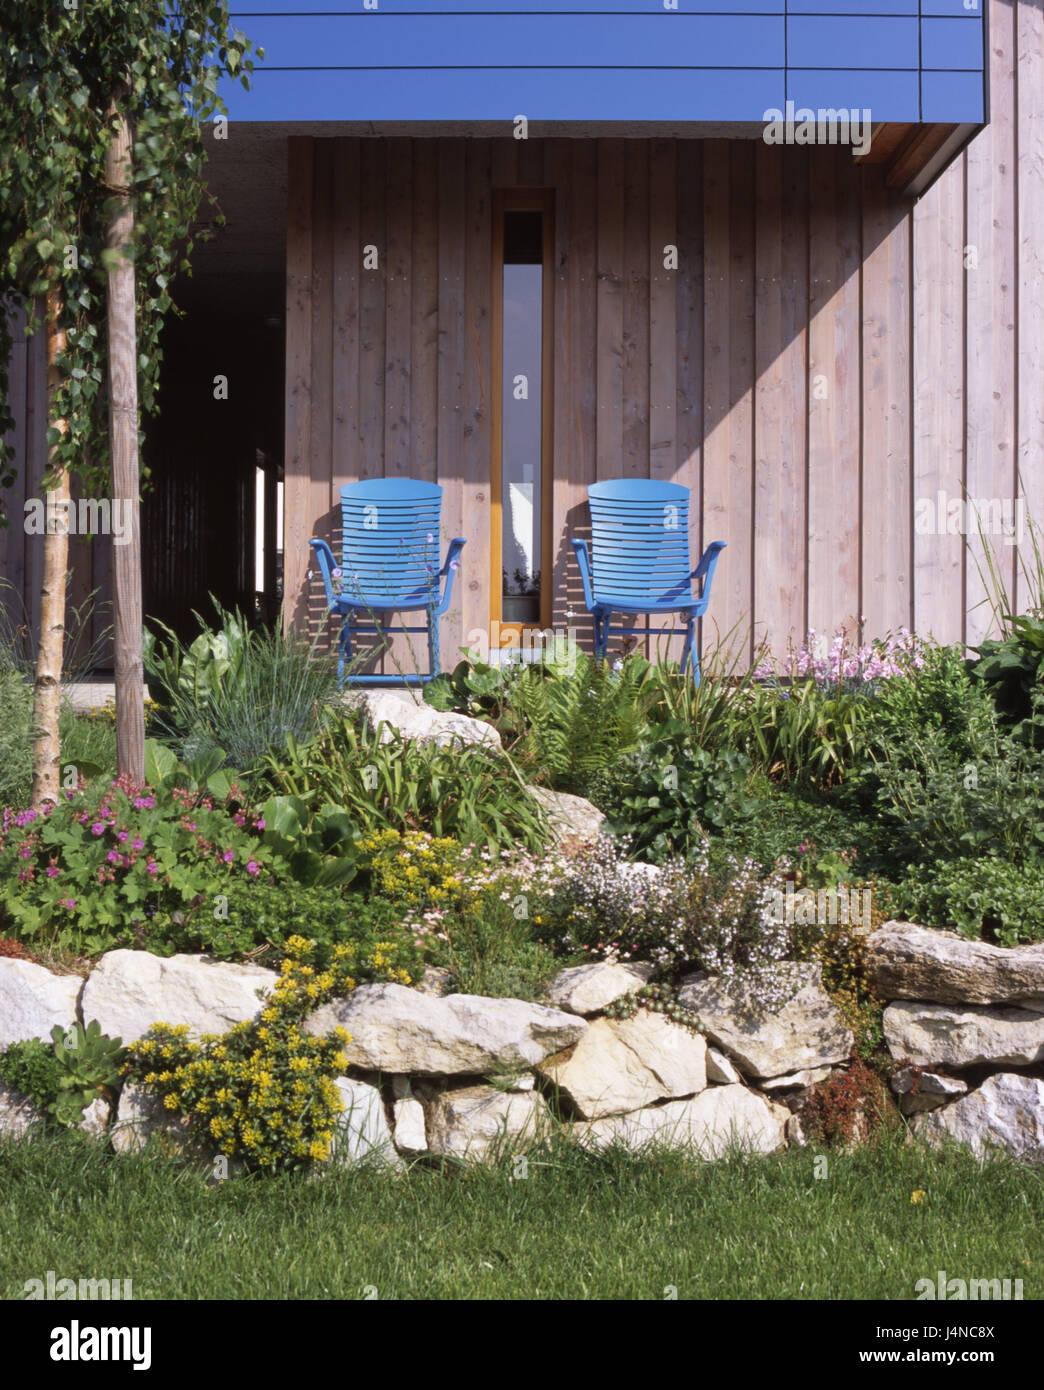 Garten Stuhle Garten Terrasse Blau Steinen Ornamental Idylle